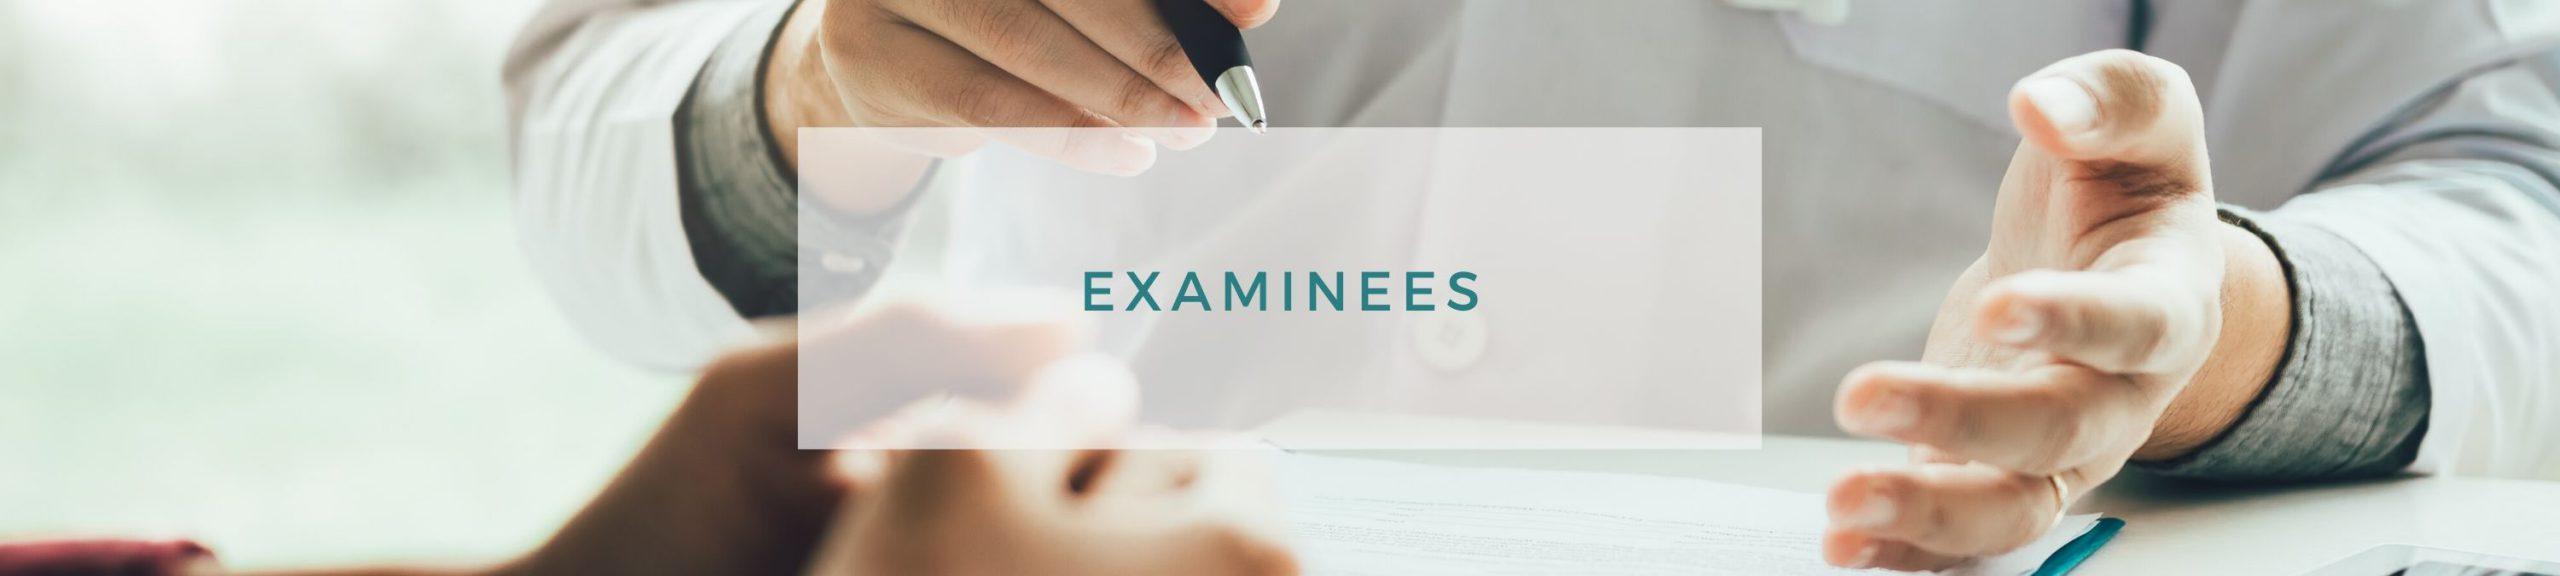 examinees